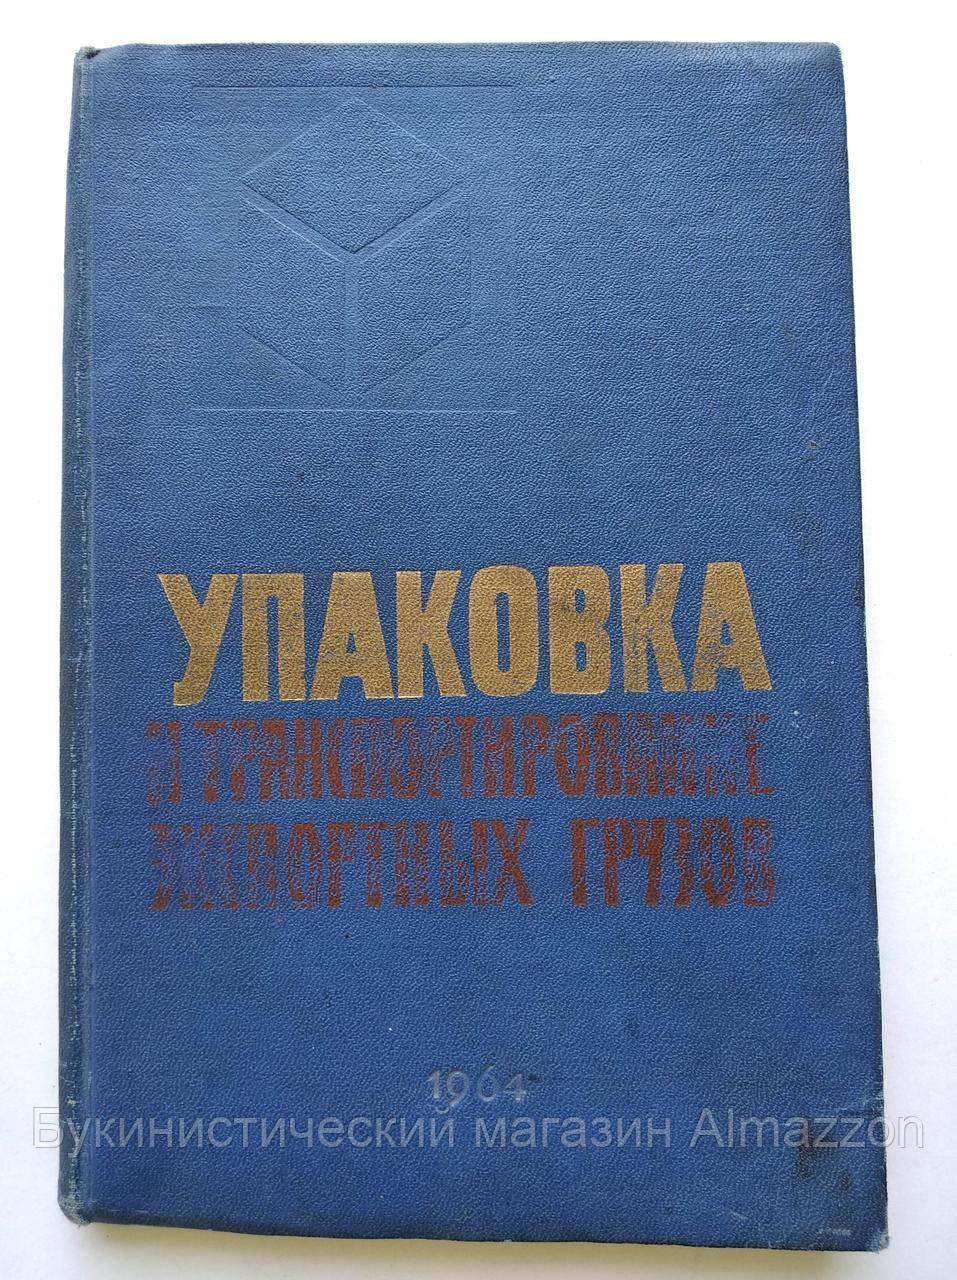 Упаковка и транспортирование экспортных грузов (единое техническое руководство). 1964 год